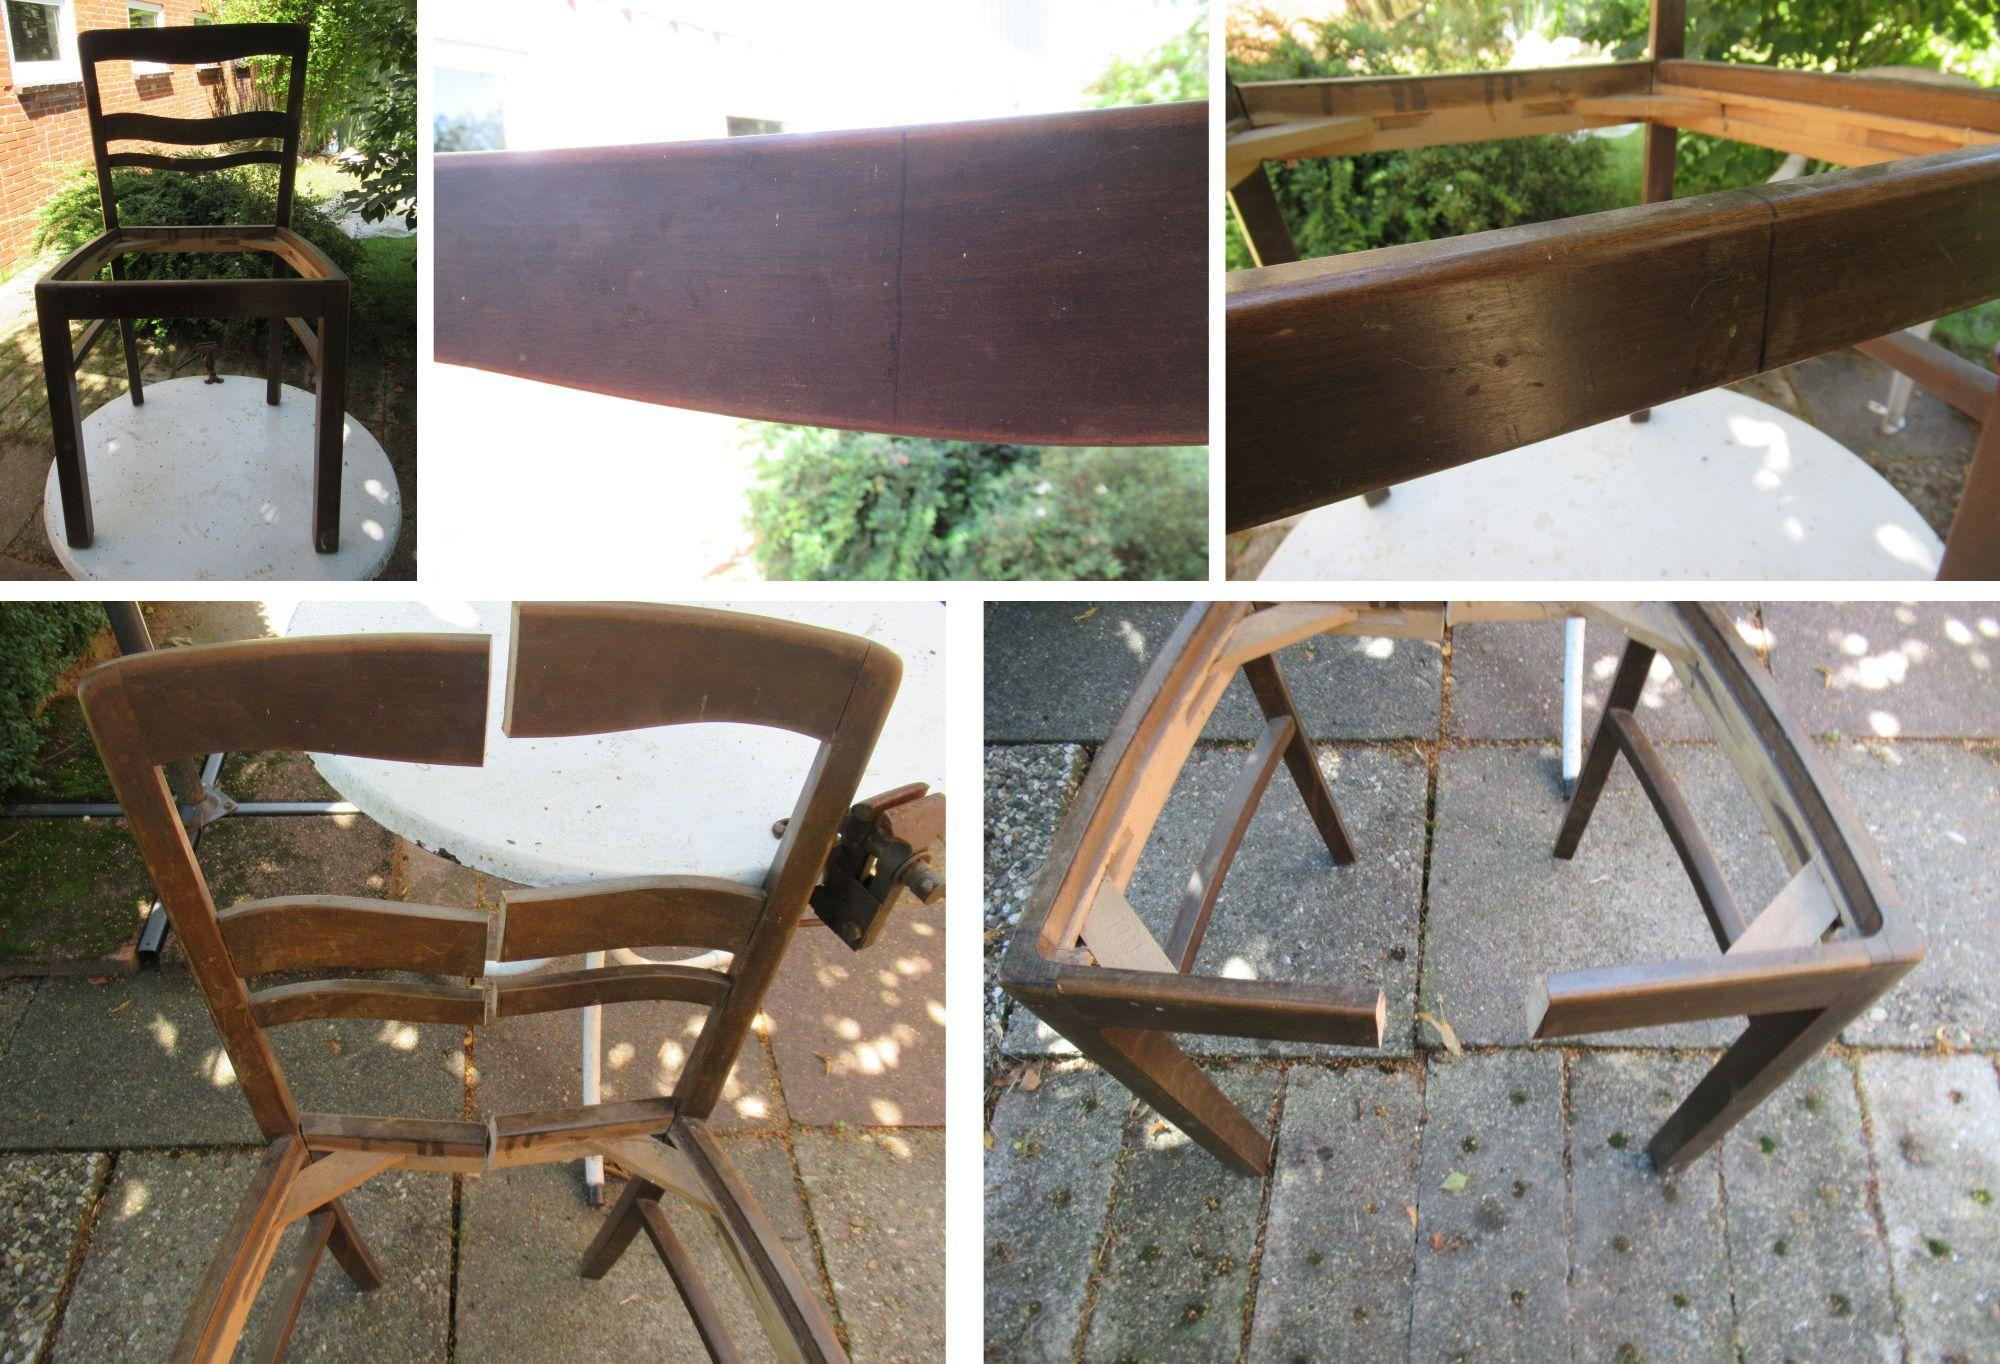 Stuhl sägen als Regal, upcycling alter Stuhl als Wandregal